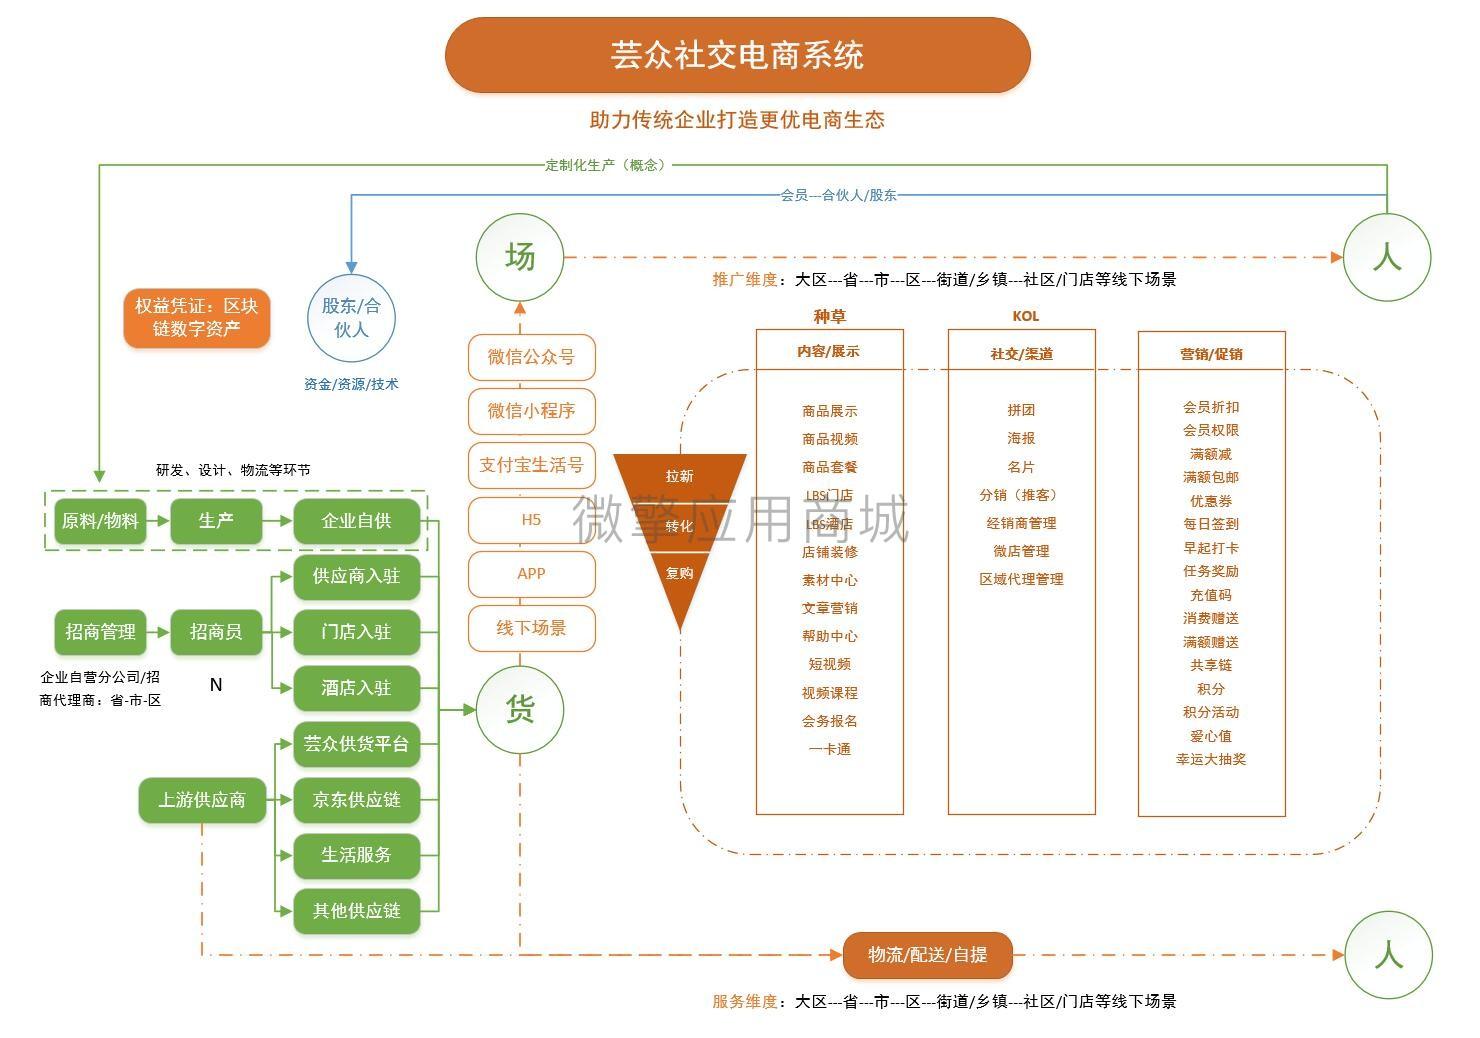 wq模块芸众商城社交电商系统V2.2.64-渔枫源码分享网